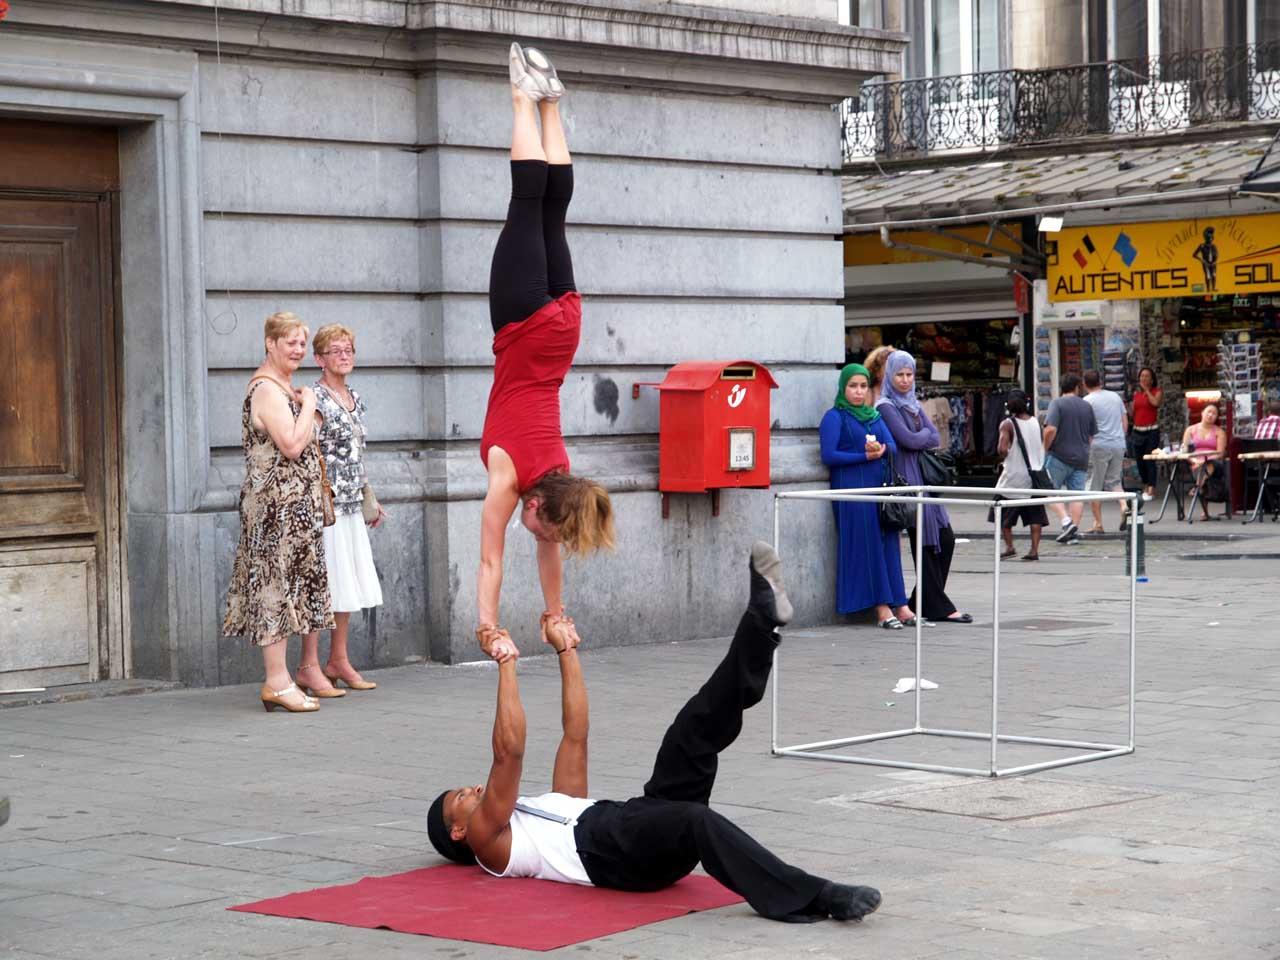 街角で技を披露する大道芸人、ベルギー・ブリュッセル、2012.08.19. © Matsuda Masahiro